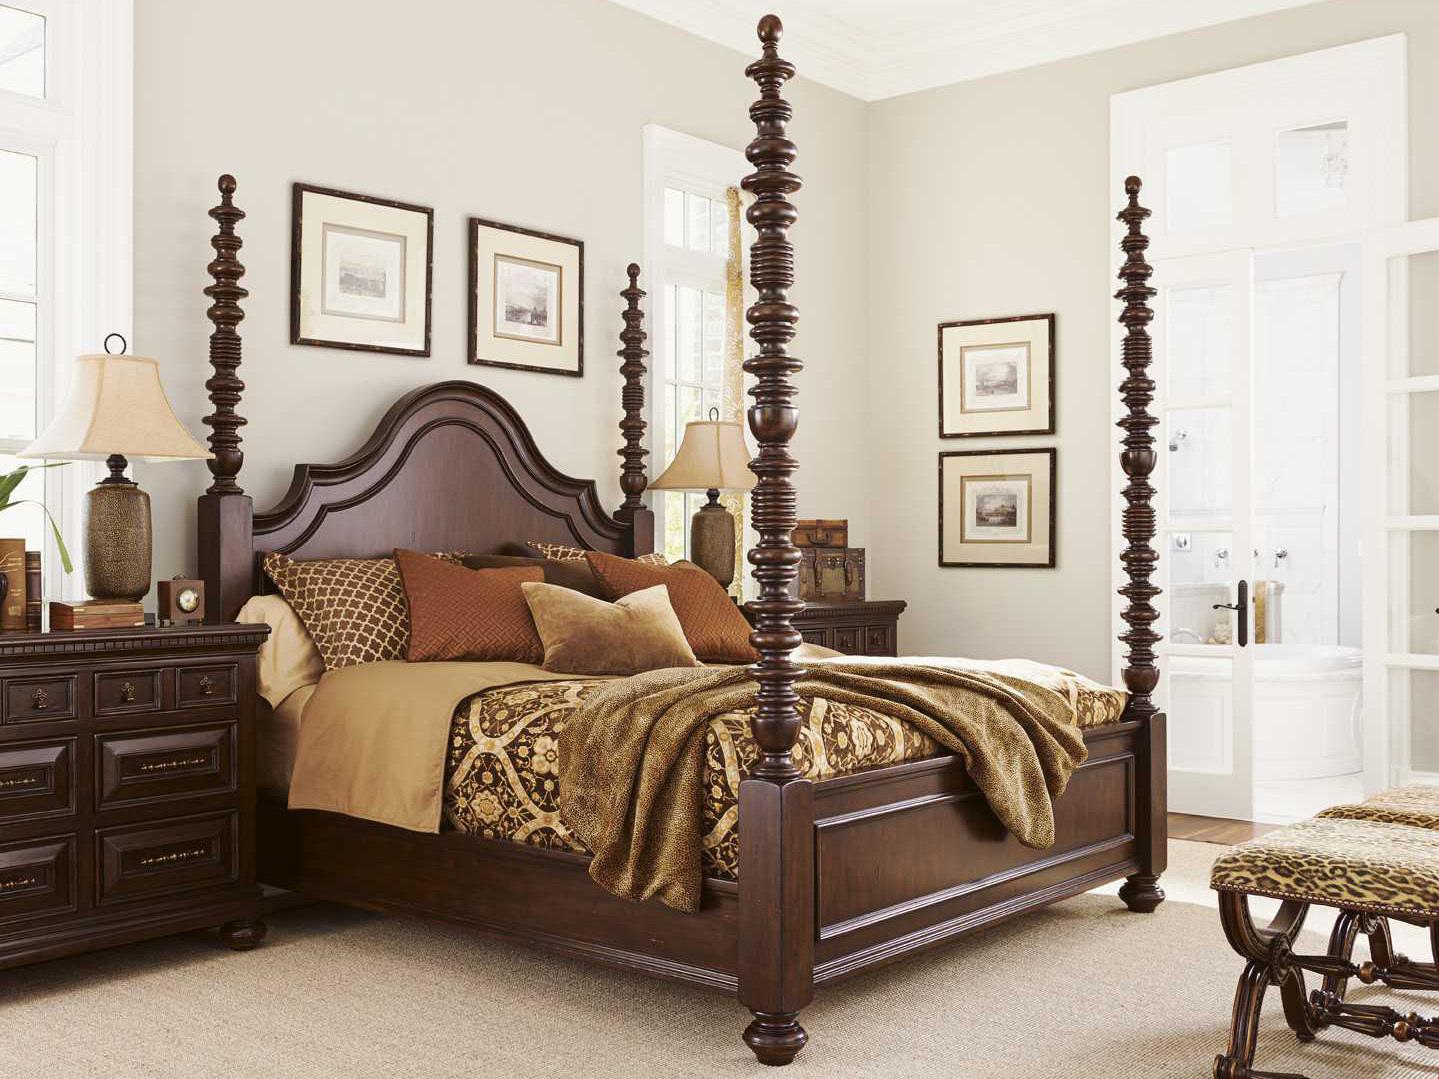 Tommy Bahama Kilimanjaro Candaleria Tangier Bedroom Set TO552173CSET